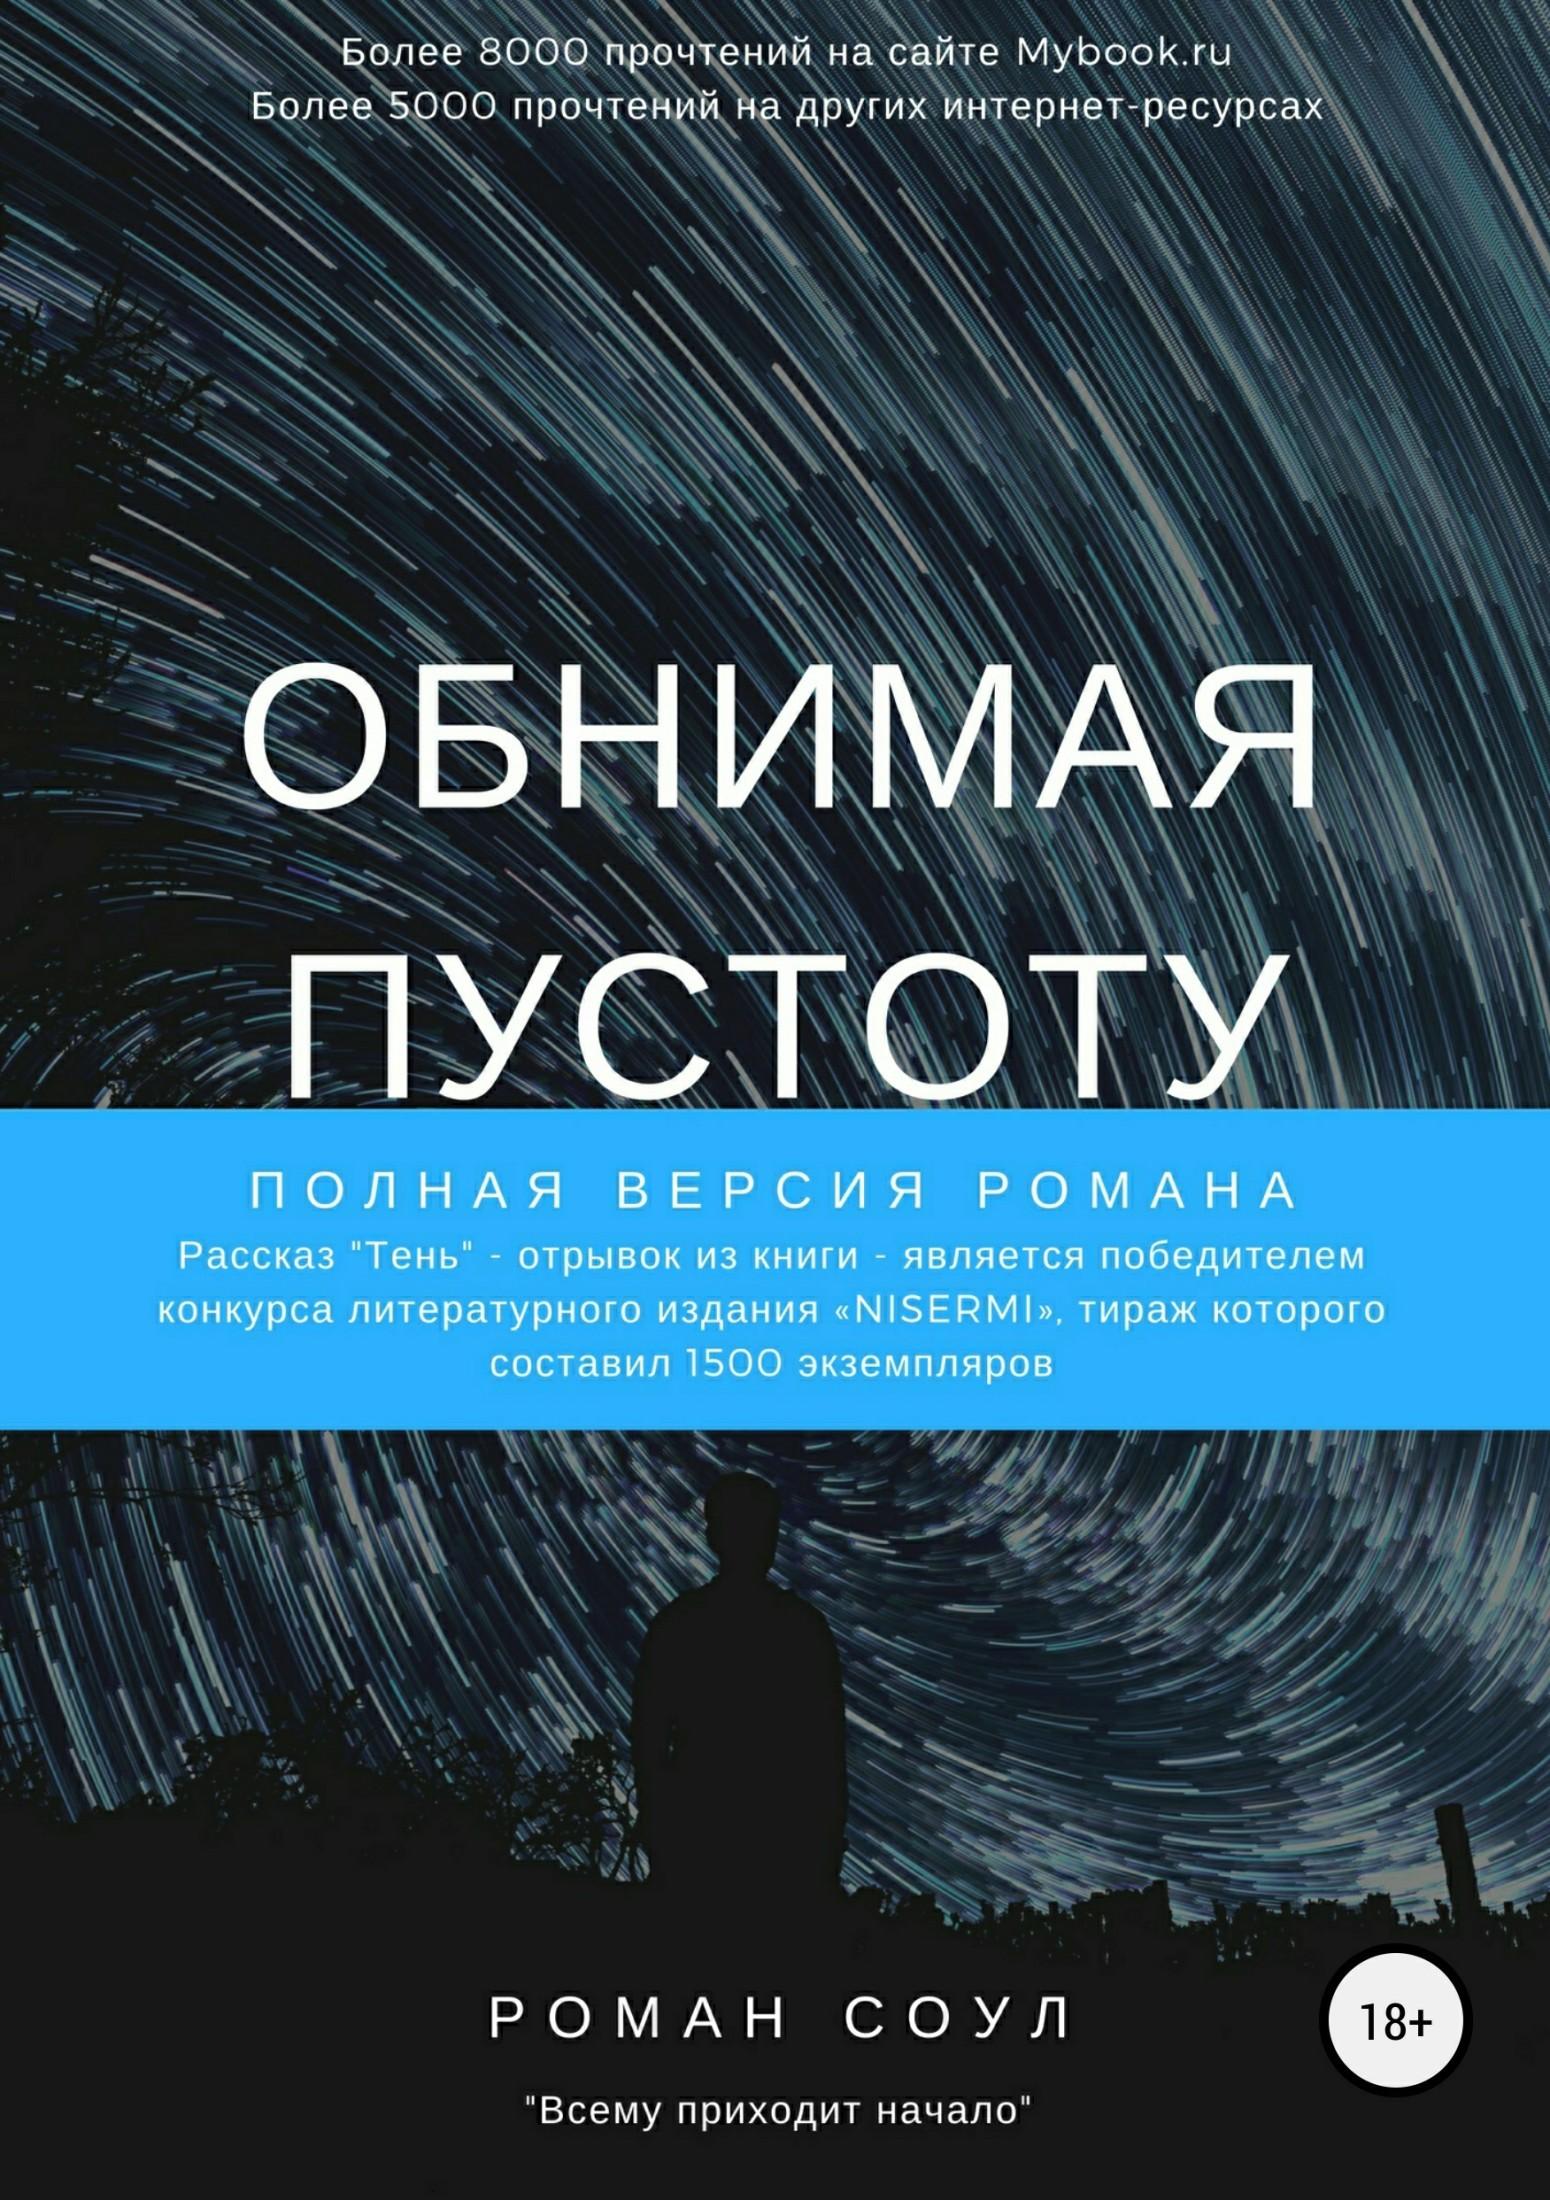 Роман Соул Обнимая пустоту элси колонэл смит после дождя появится радуга роман